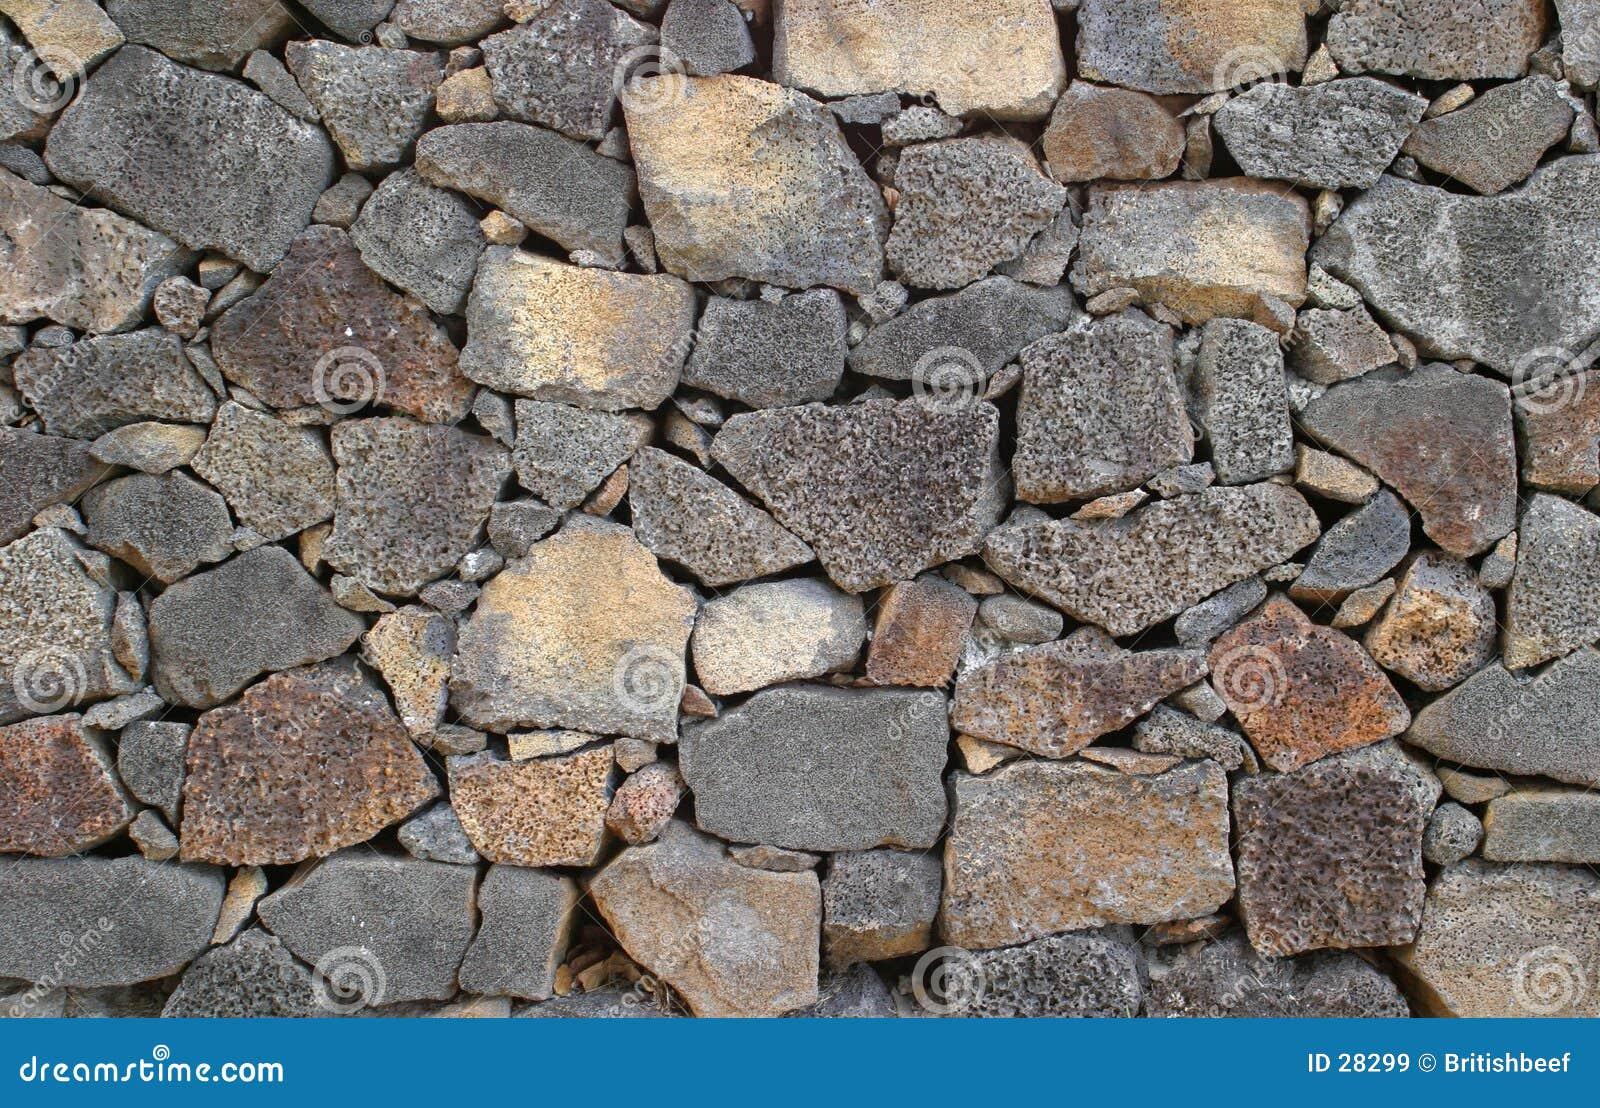 Parede da rocha vulcânica